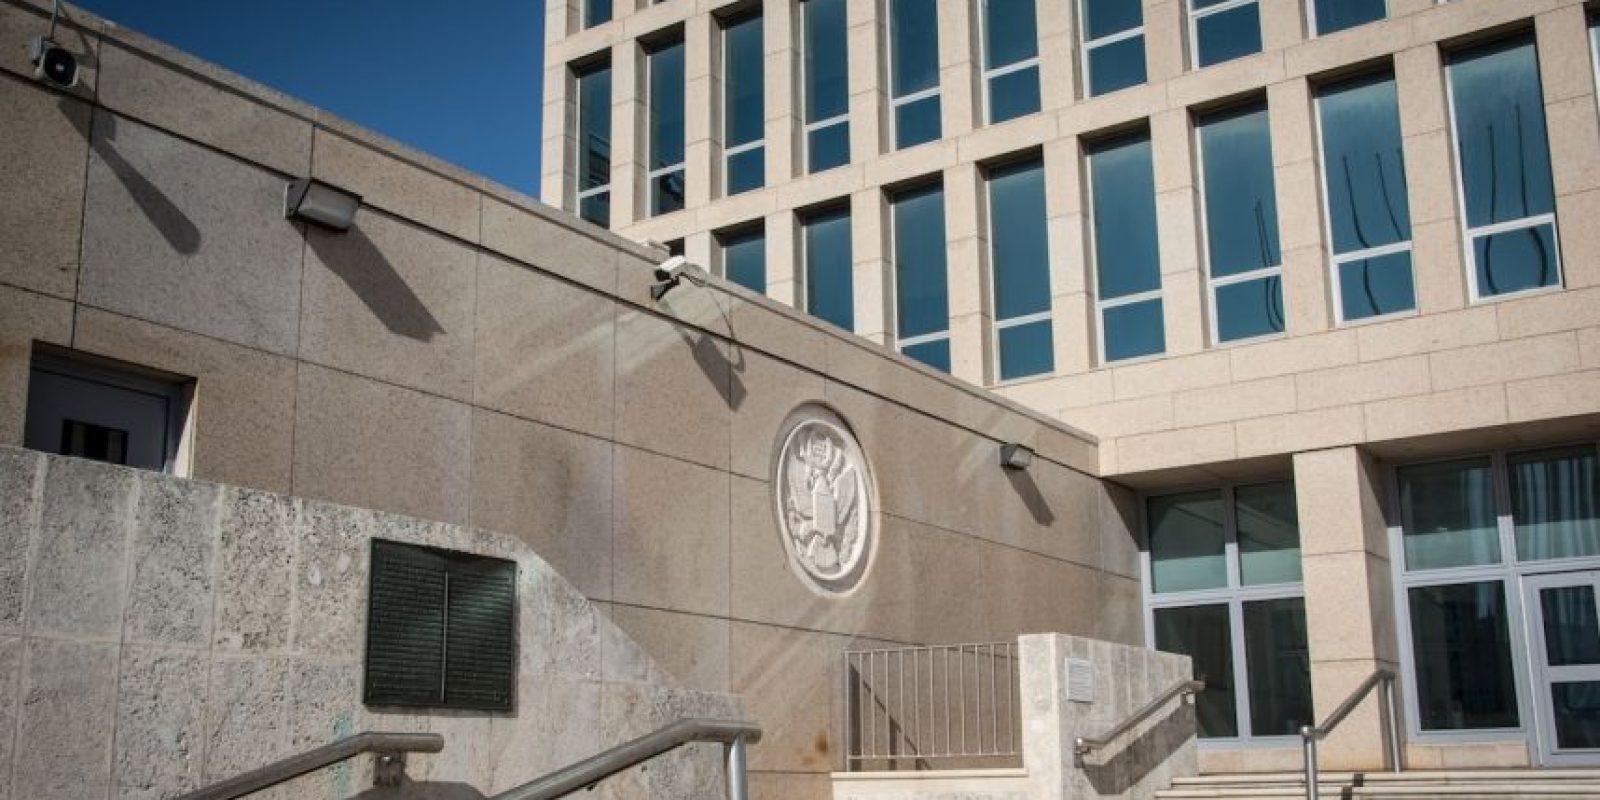 La representación diplomática estadounidense se encuentra ubicada en el Malecón de la capital cubana Foto:AFP